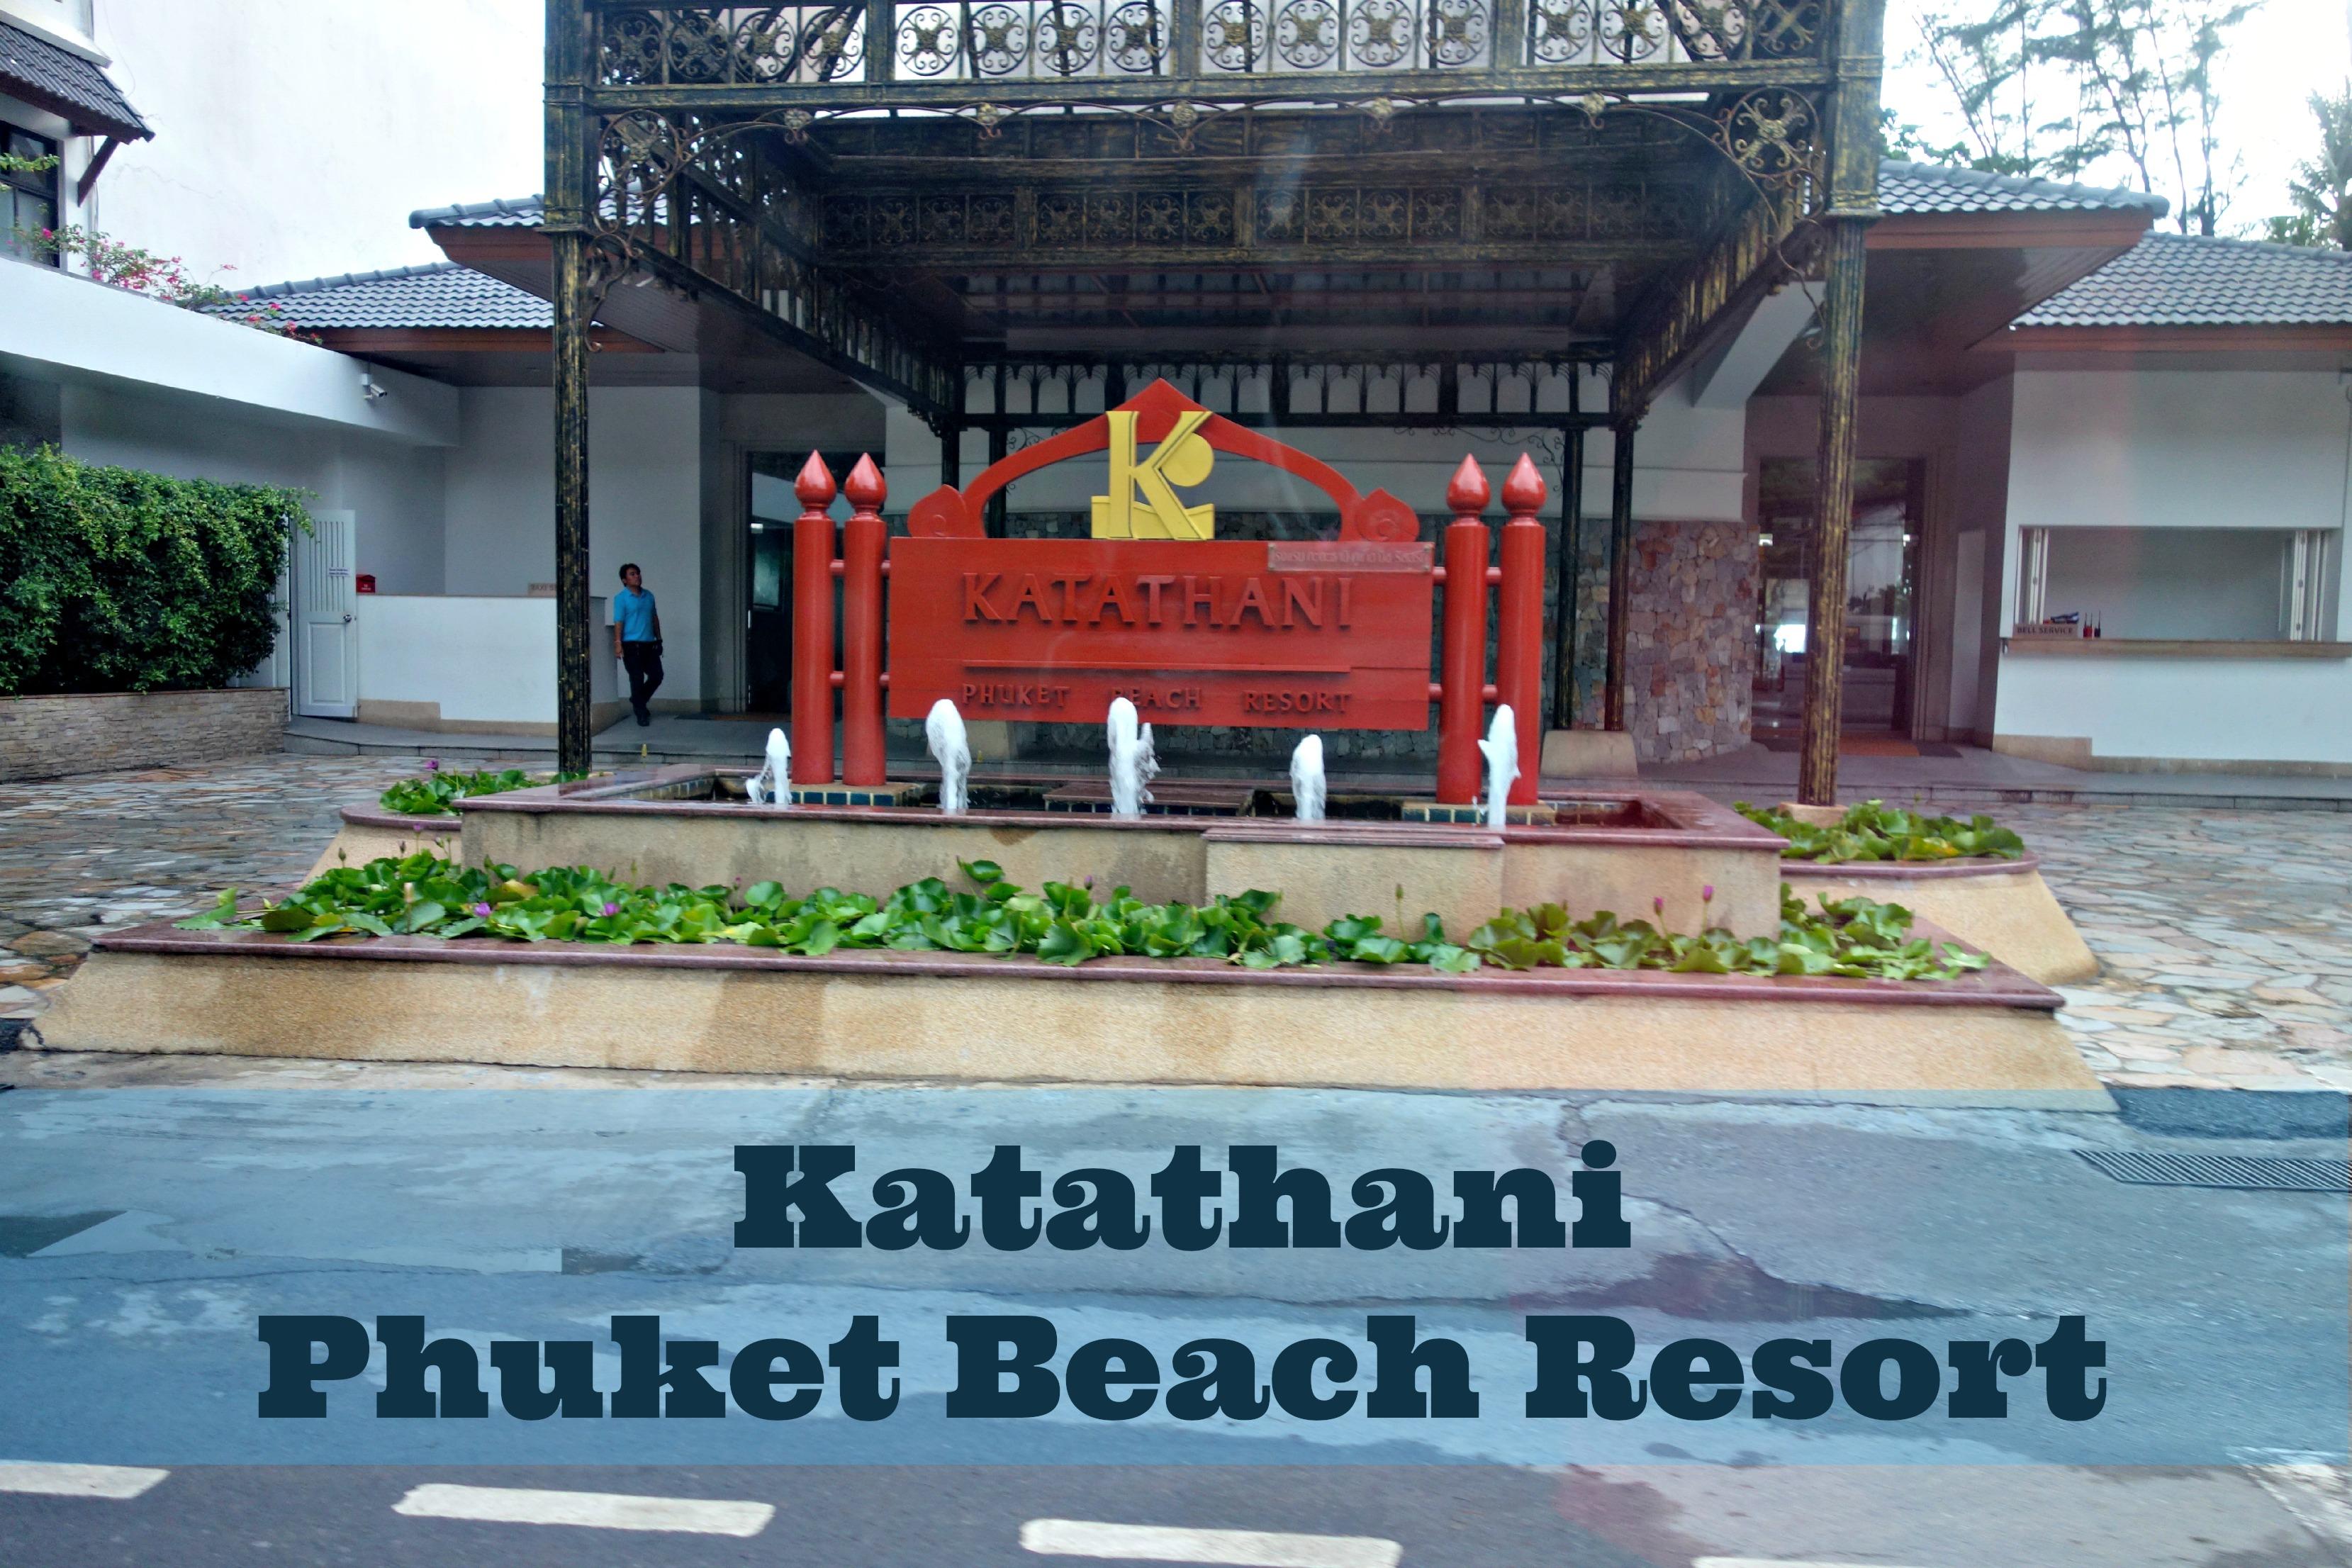 Penthouse Hotel - Pattaya beach city, Thailand. Guest